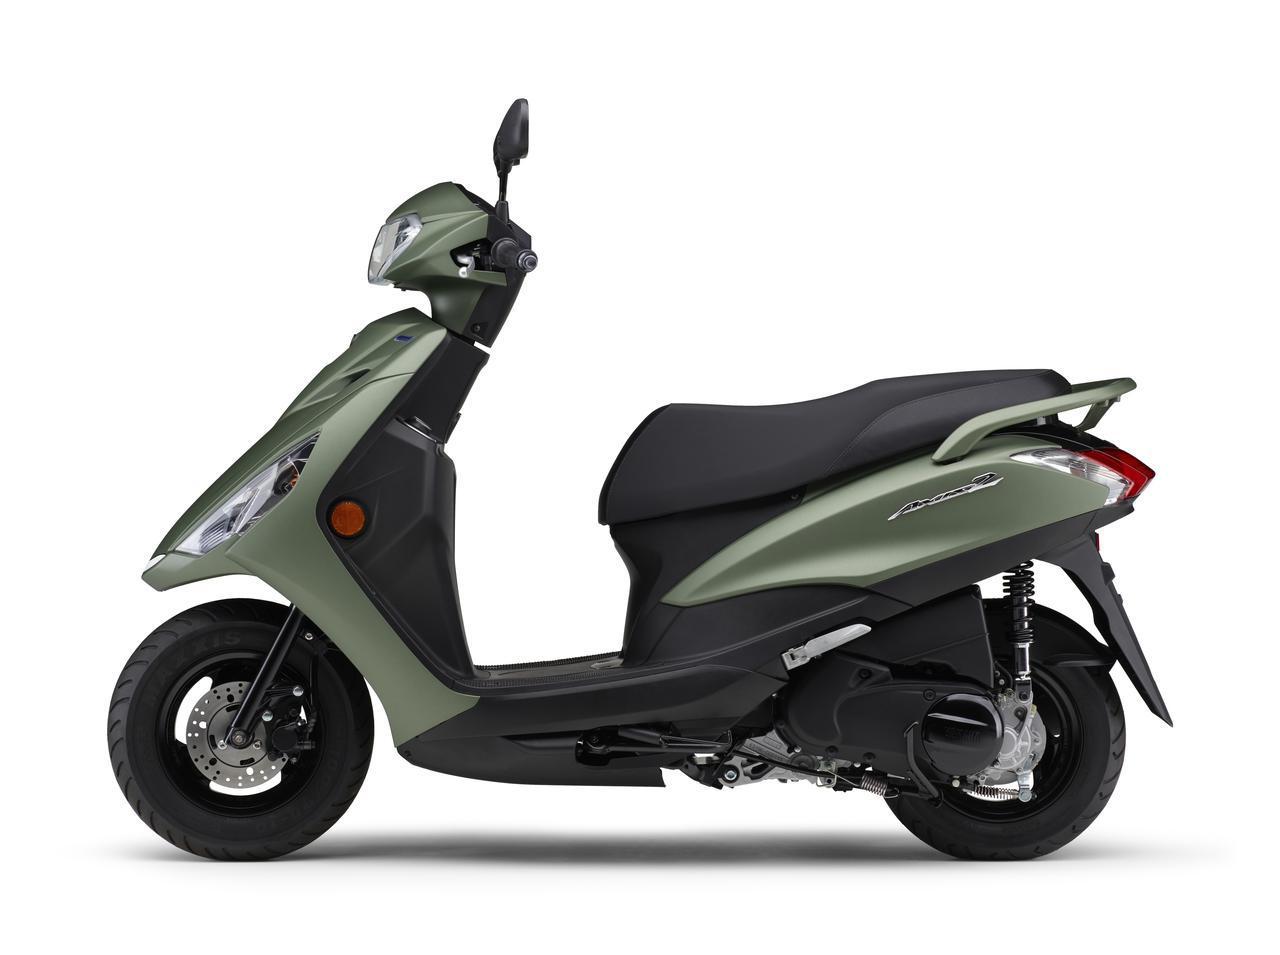 画像2: ヤマハが125ccスクーター「アクシスZ」の2021年モデルを発表! カラーは全5色設定で2月5日に発売